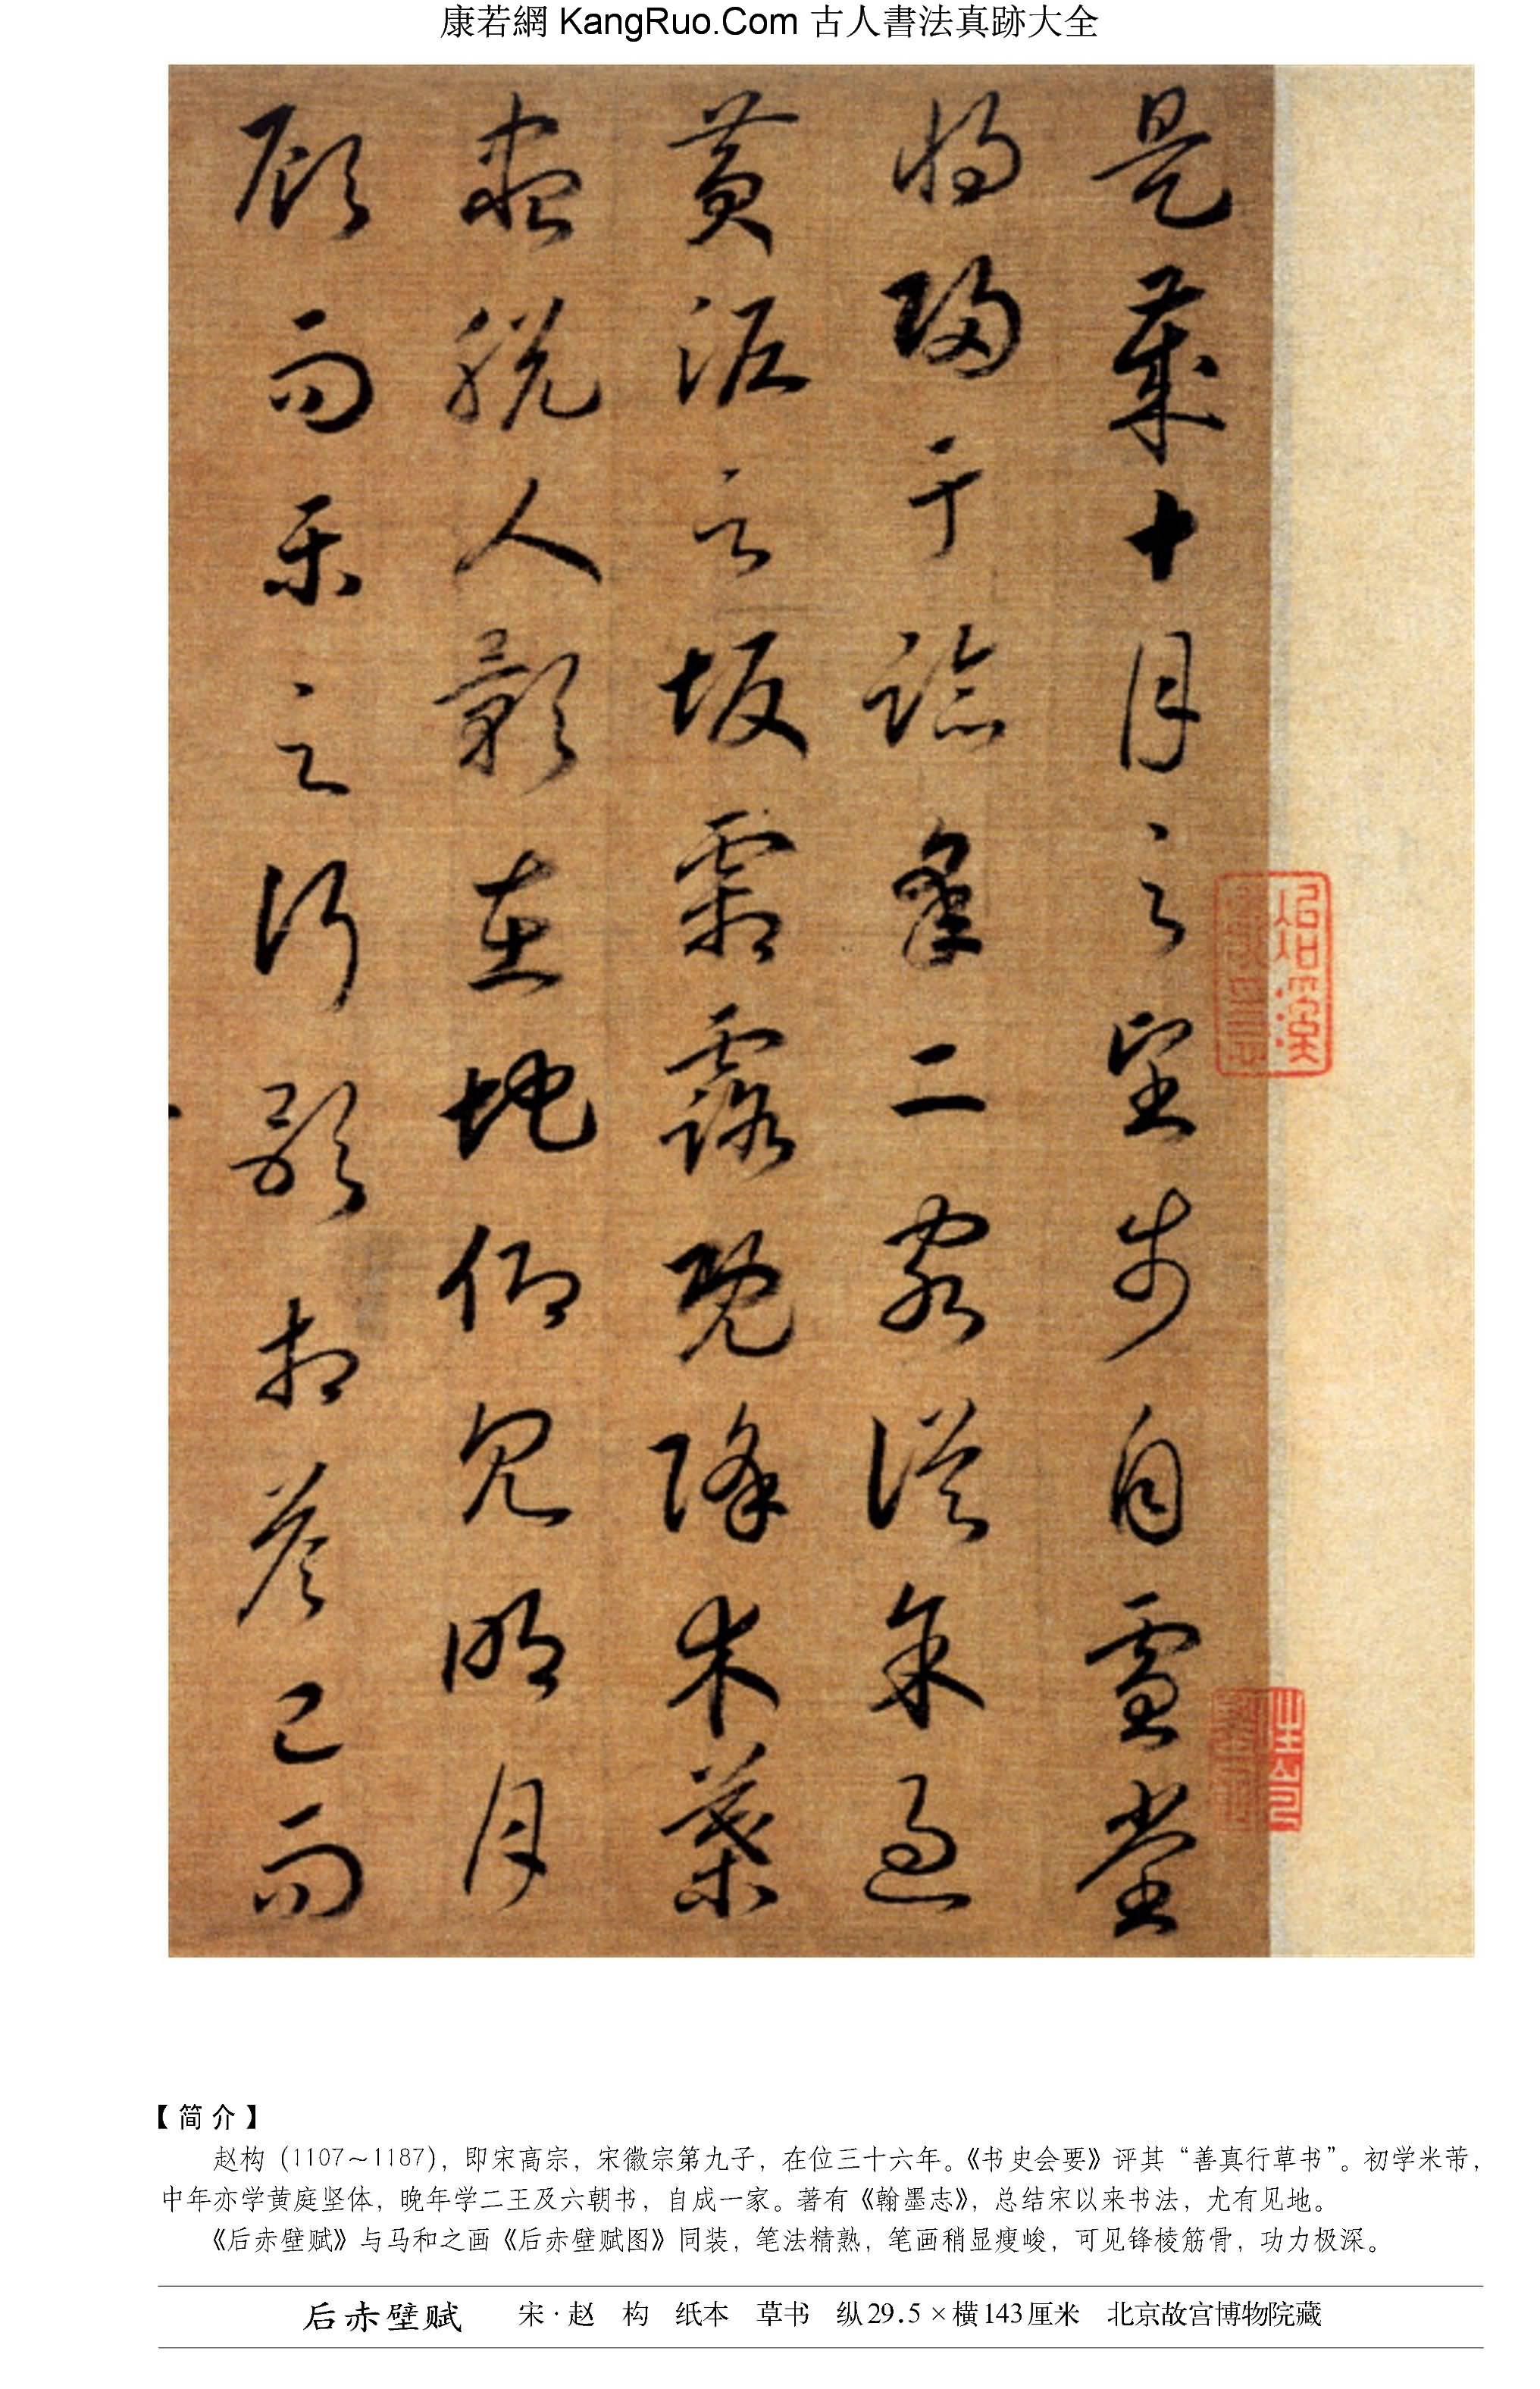 《後赤壁賦》書法真跡(草書)【宋朝·趙構】_00131